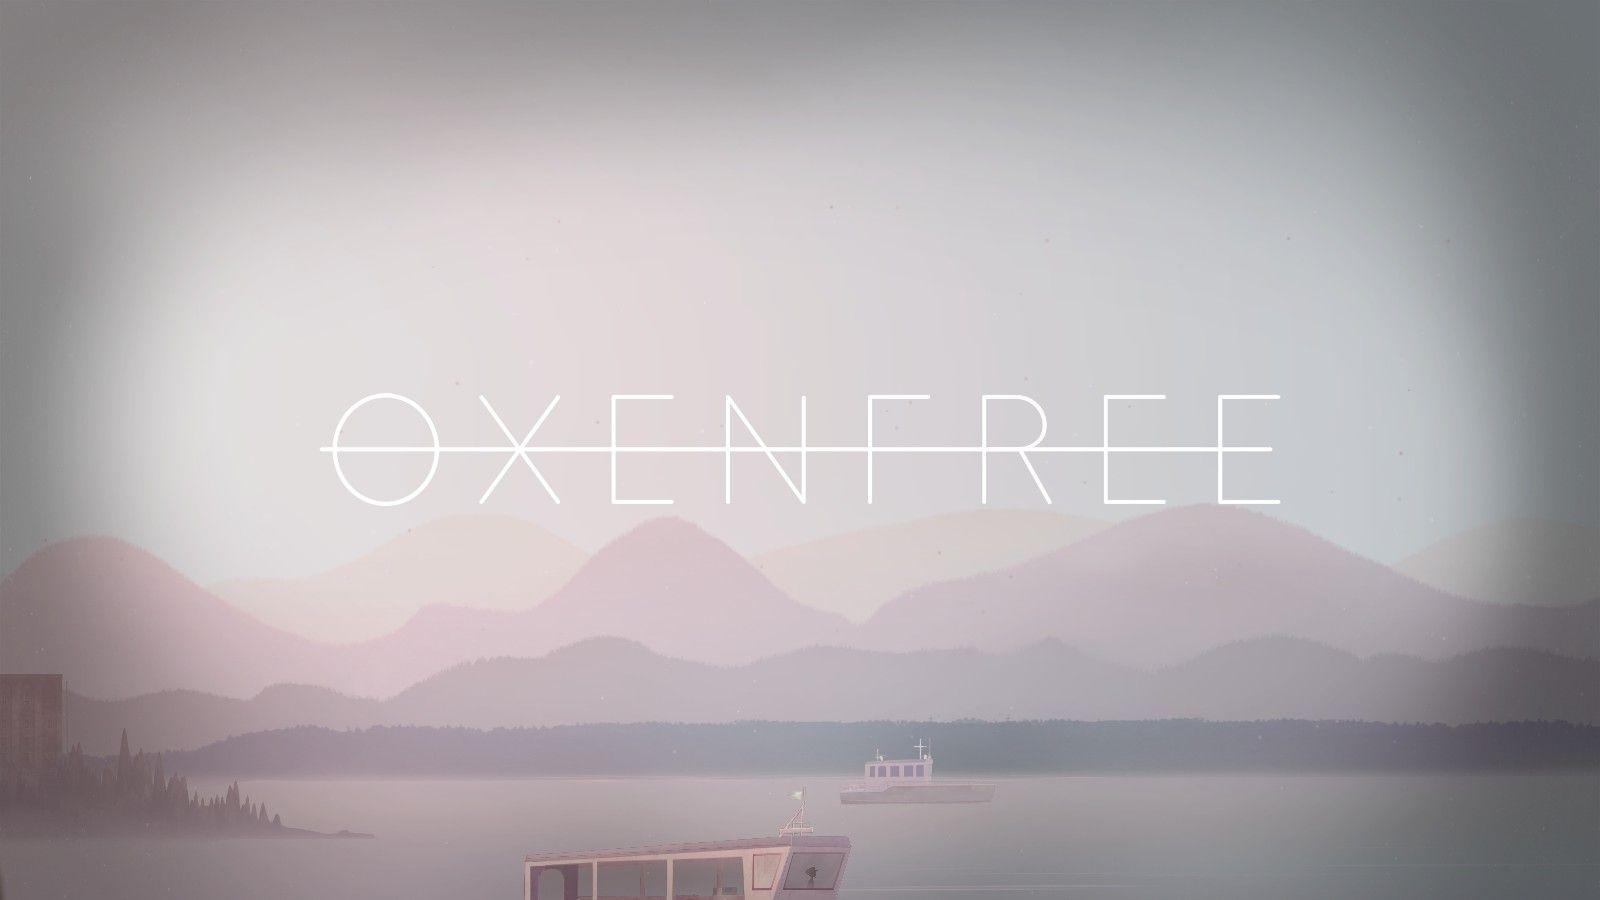 oxenfree-title.jpg